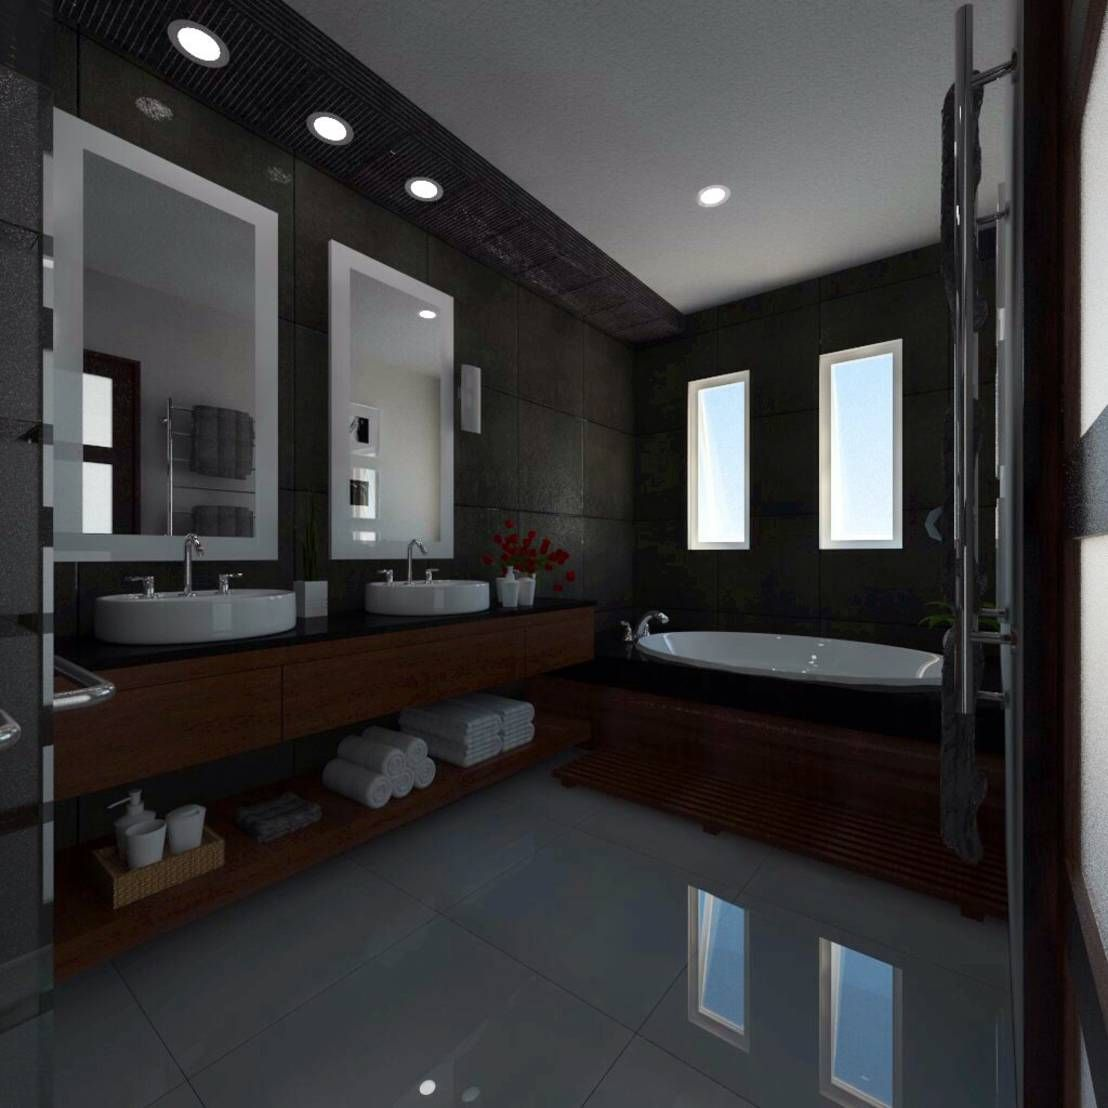 Proyecto baño principal lc de jrm diseño studio arquitectura